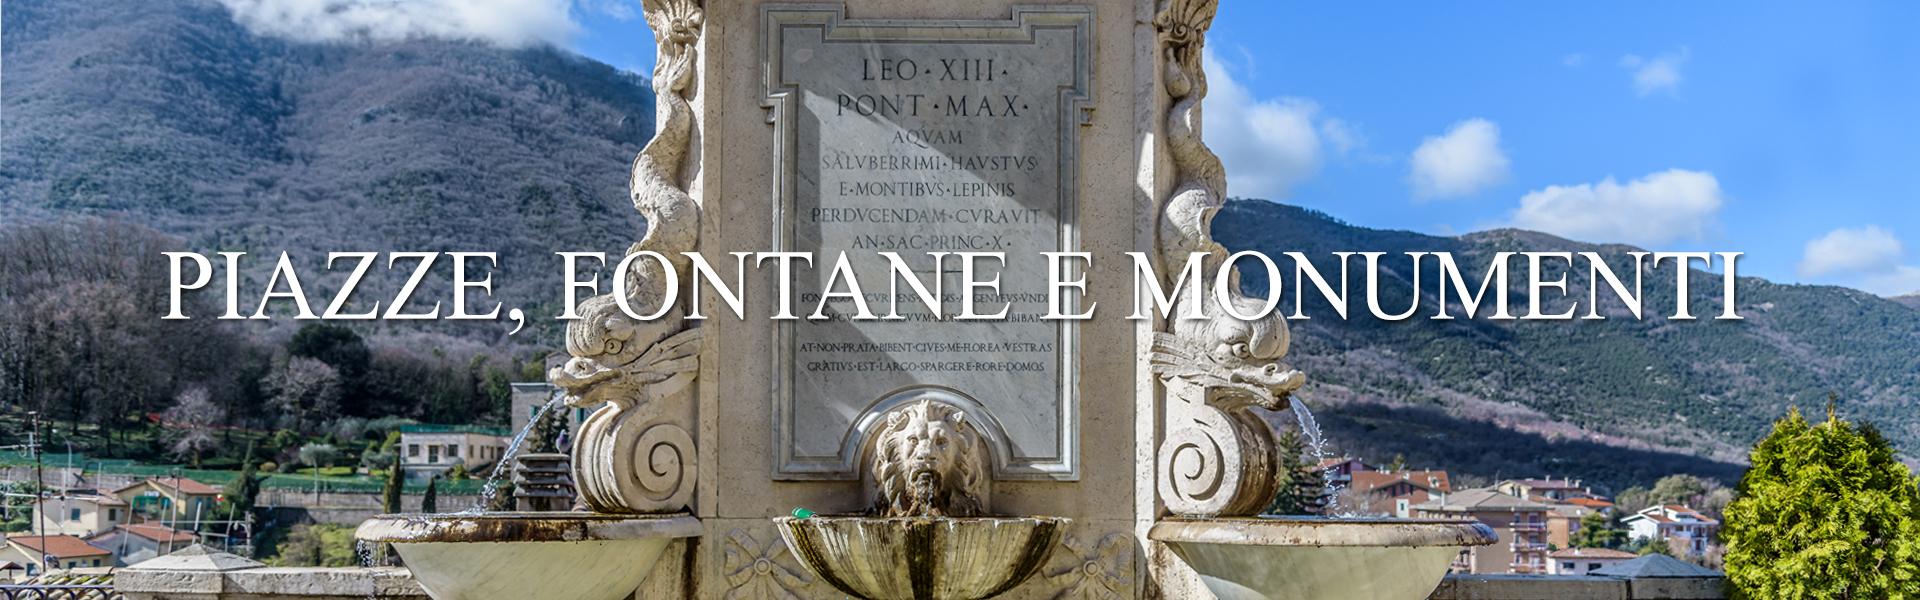 fontana-piazze-monumenti